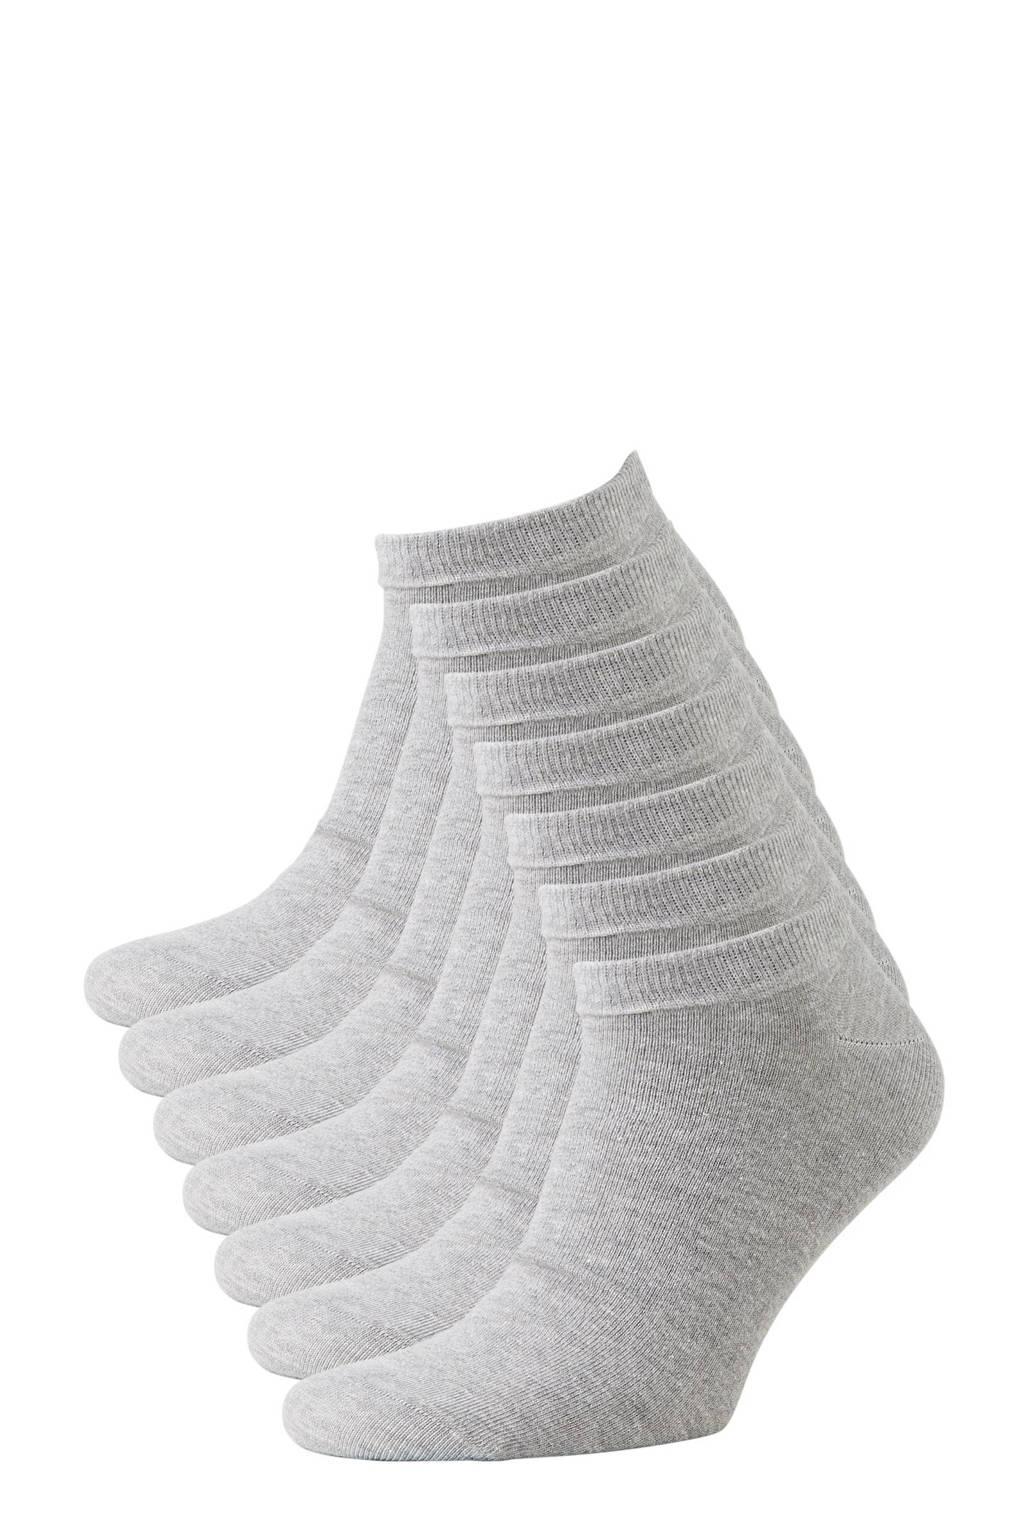 whkmp's own sneakersokken - set van 7 grijs, Light Grey Melange